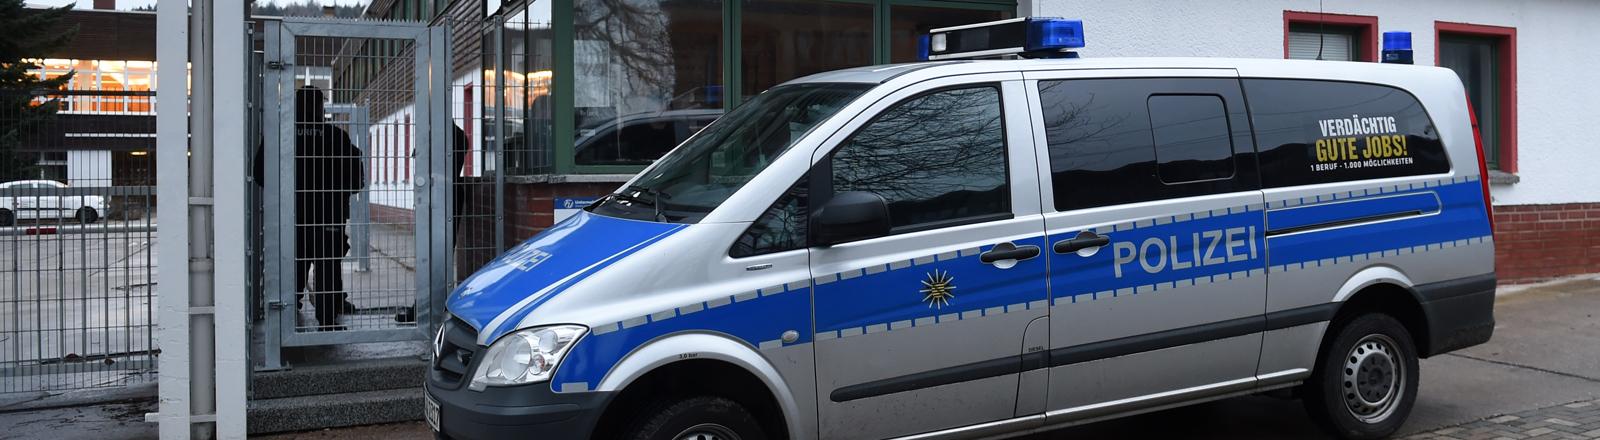 Ein Fahrzeug der Polizei steht am 05.01.2016 vor einer Erstaufnahmeeinrichtung in Chemnitz-Einsiedel (Sachsen).